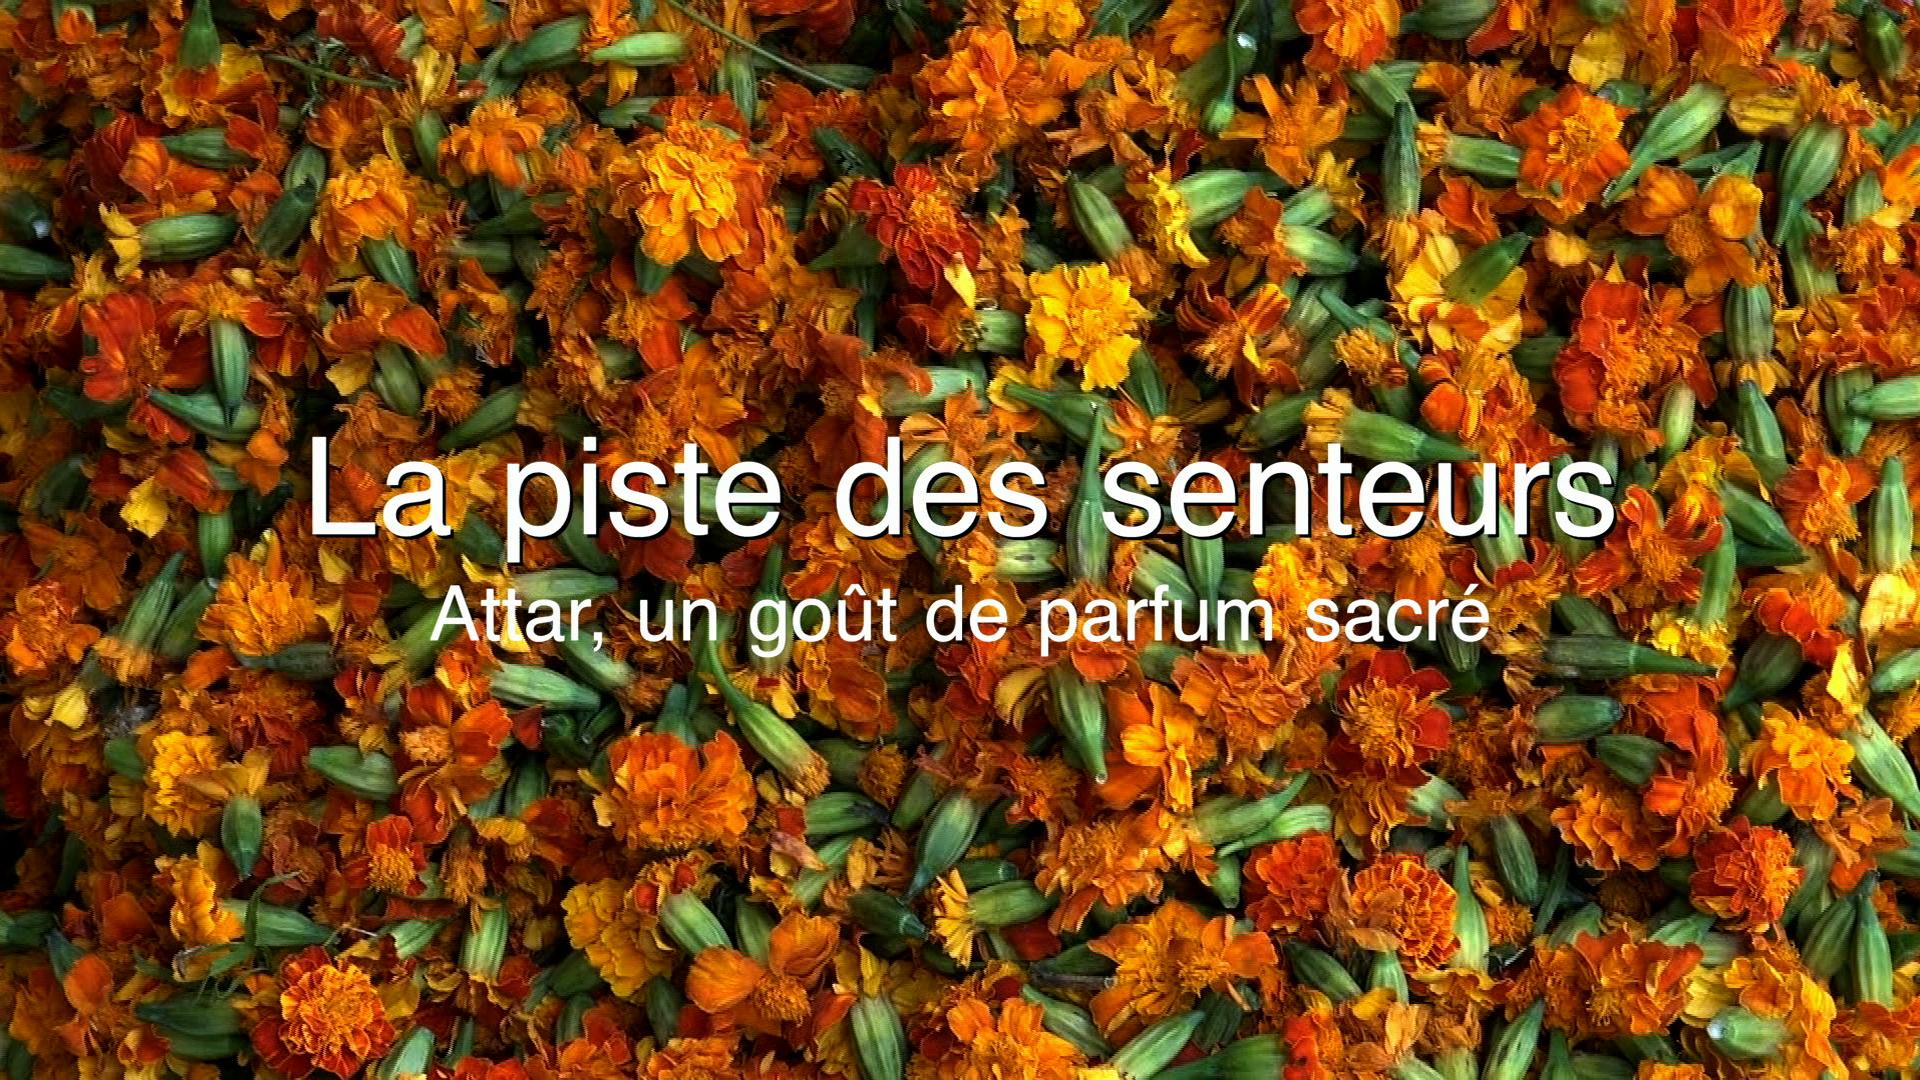 Attar, un goût de parfum sacré est rediffusé le 16 juin 2015 sur Ushuaïa TV